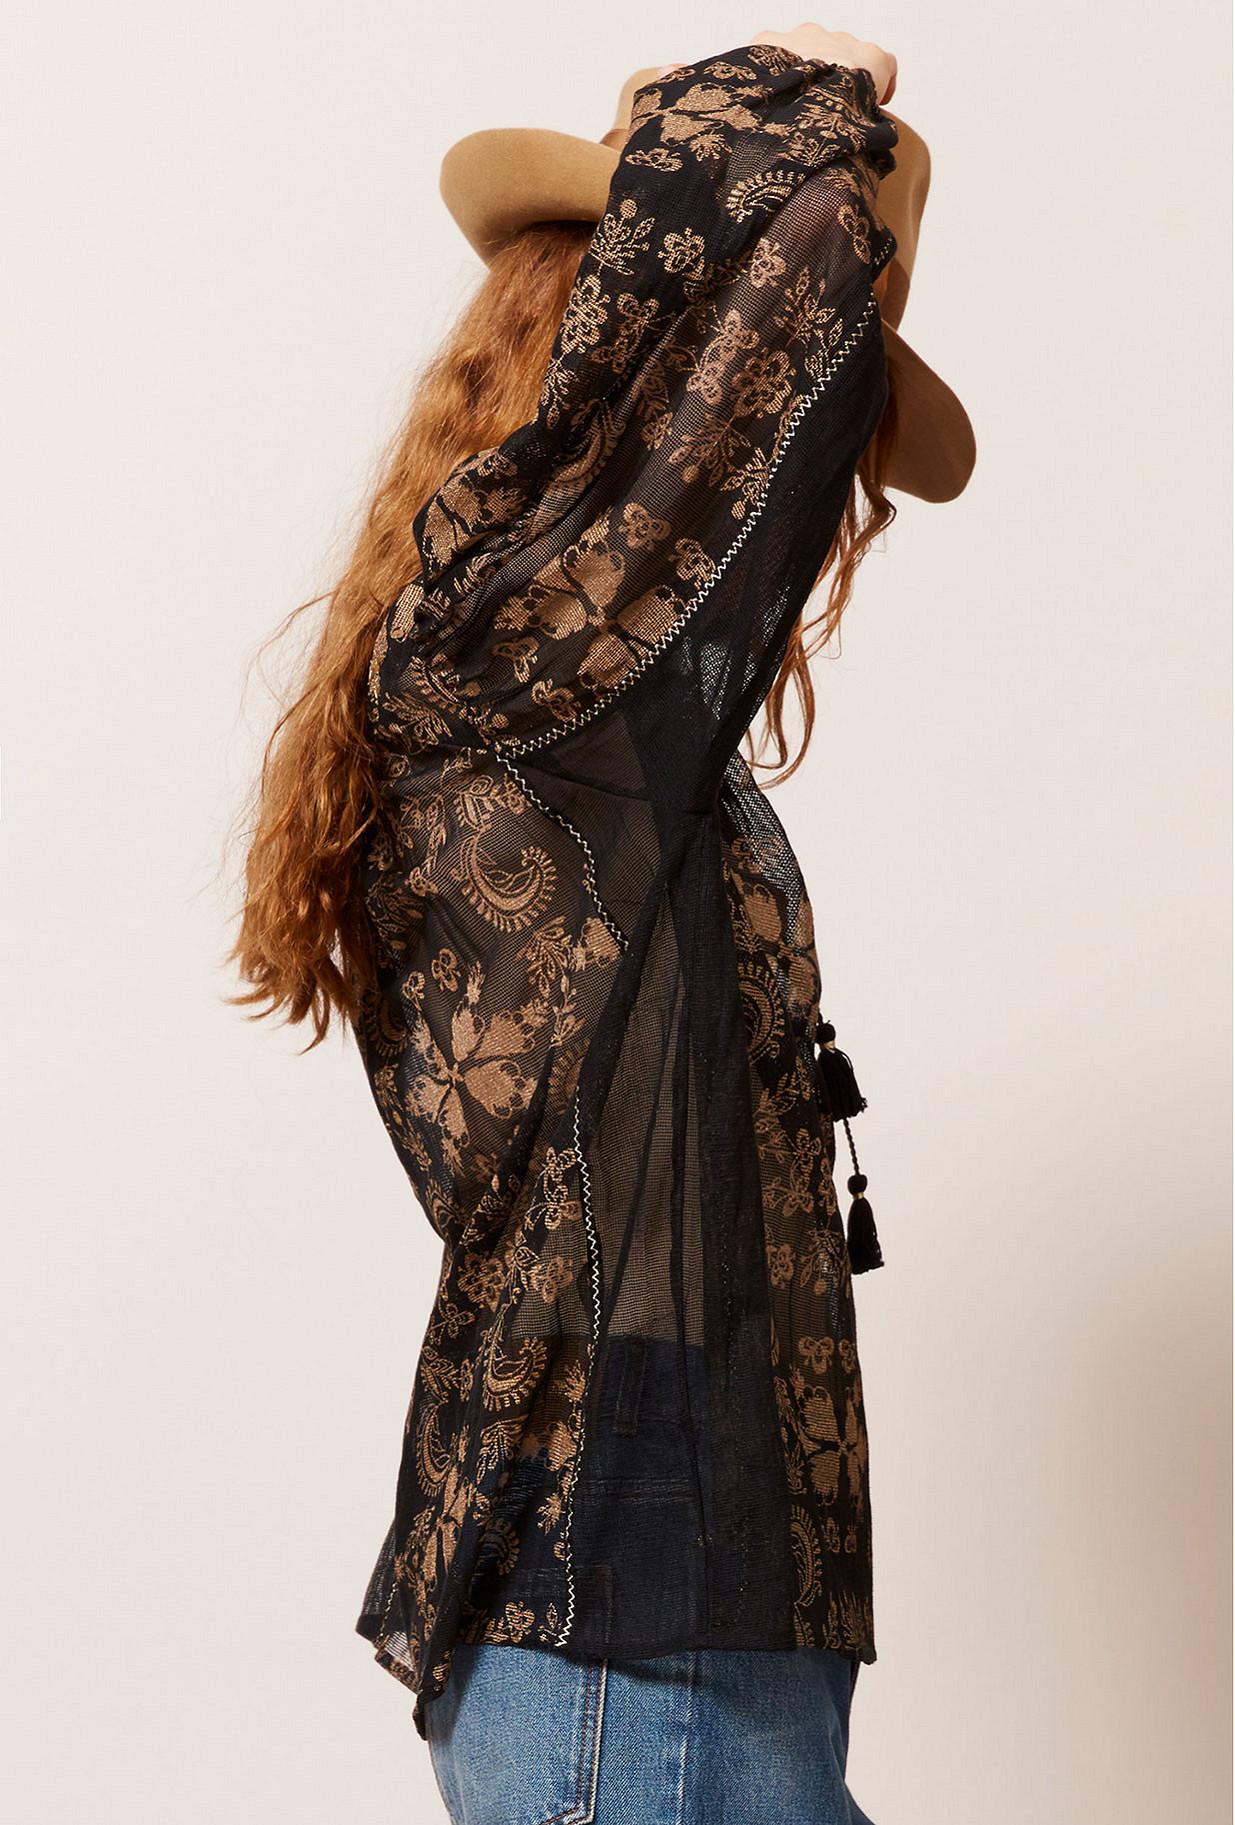 Blouse Noir  Atlante mes demoiselles paris vêtement femme paris